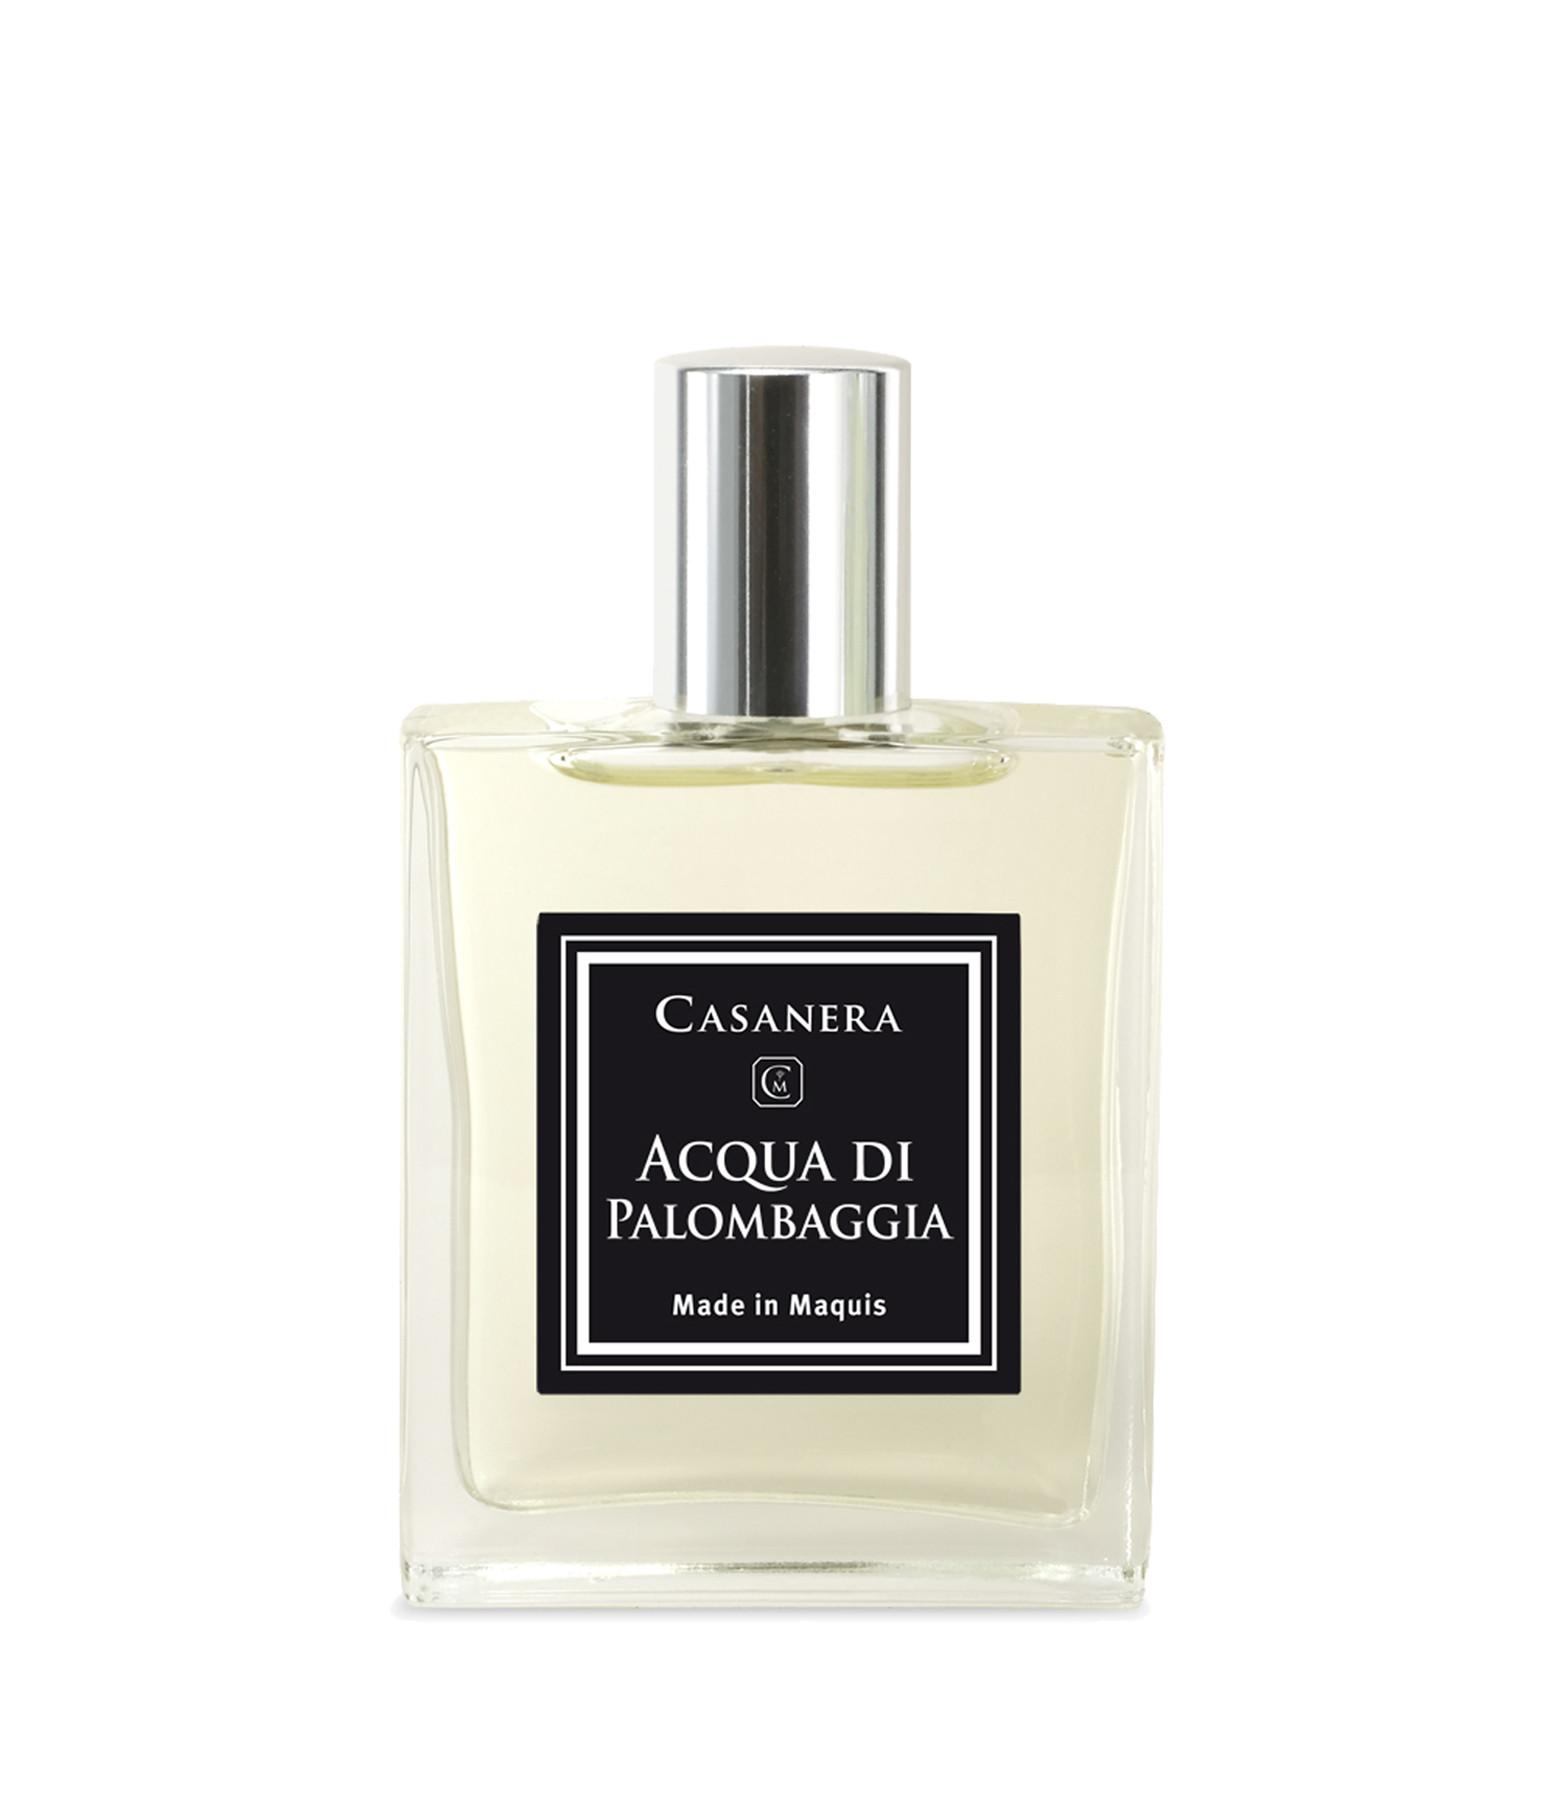 CASANERA - Eau de Parfum Palombagia 50ml